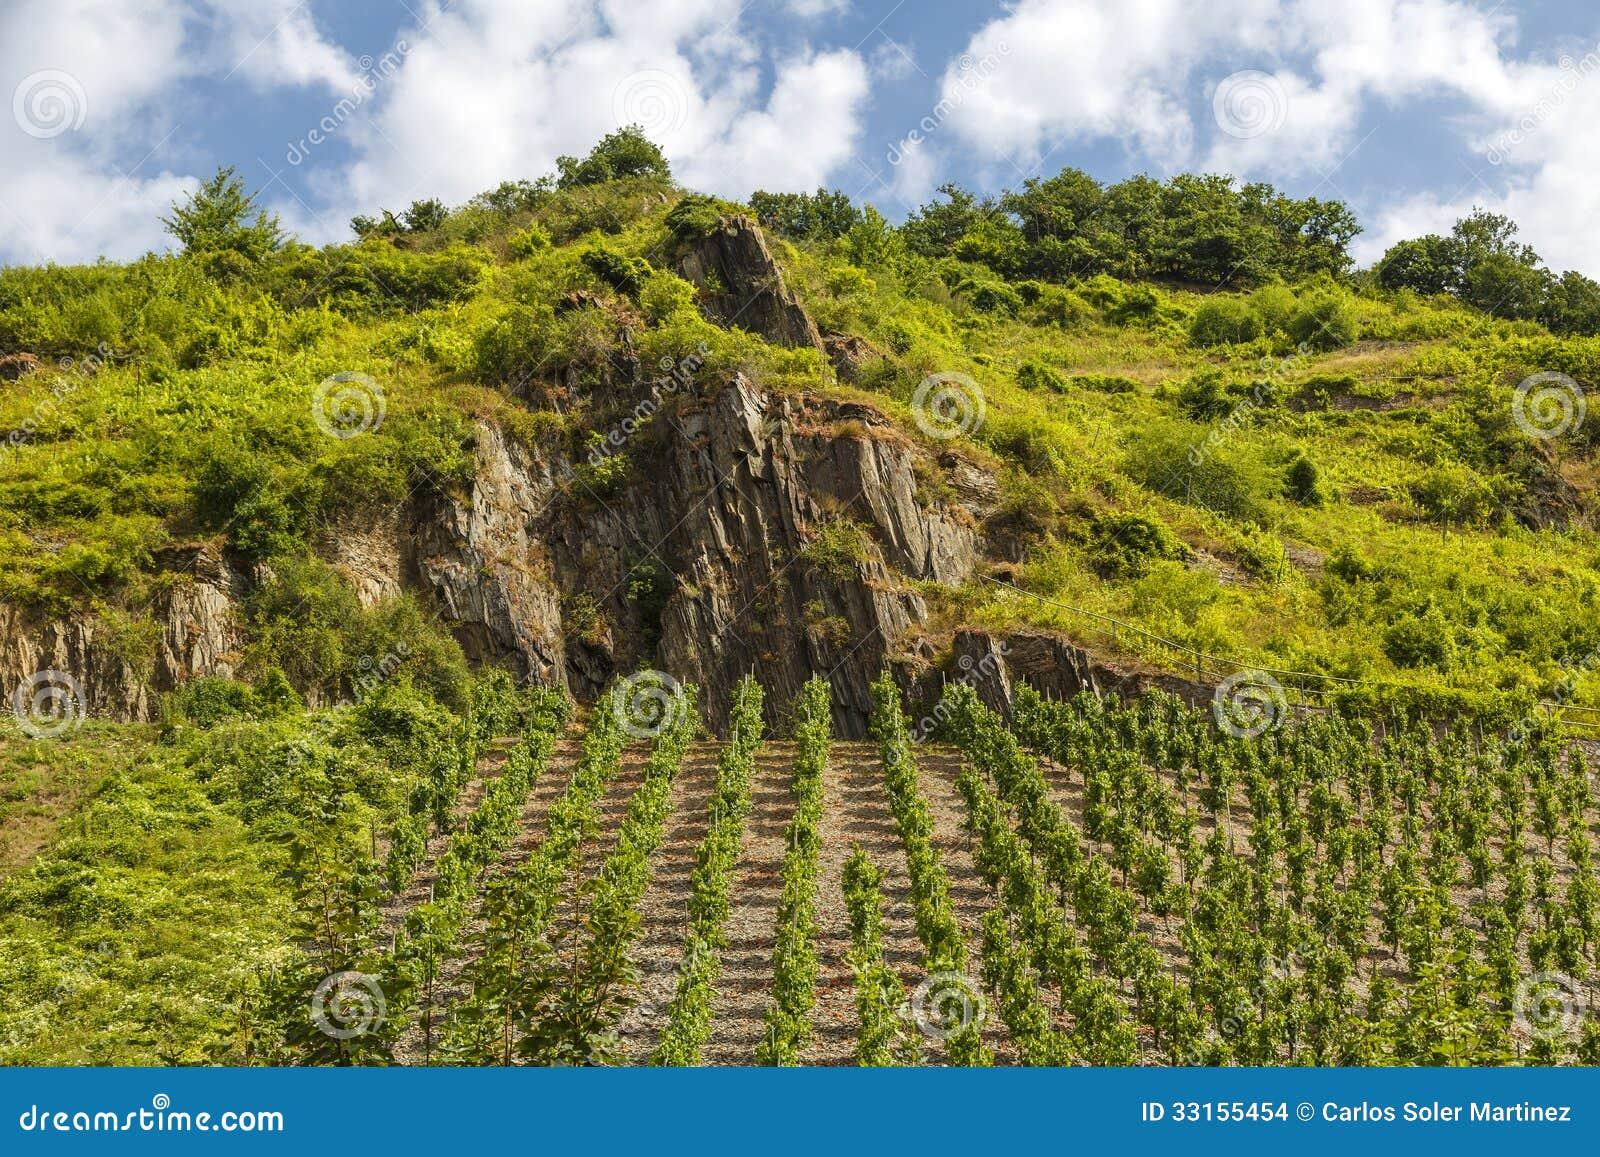 Vineyards Beilstein